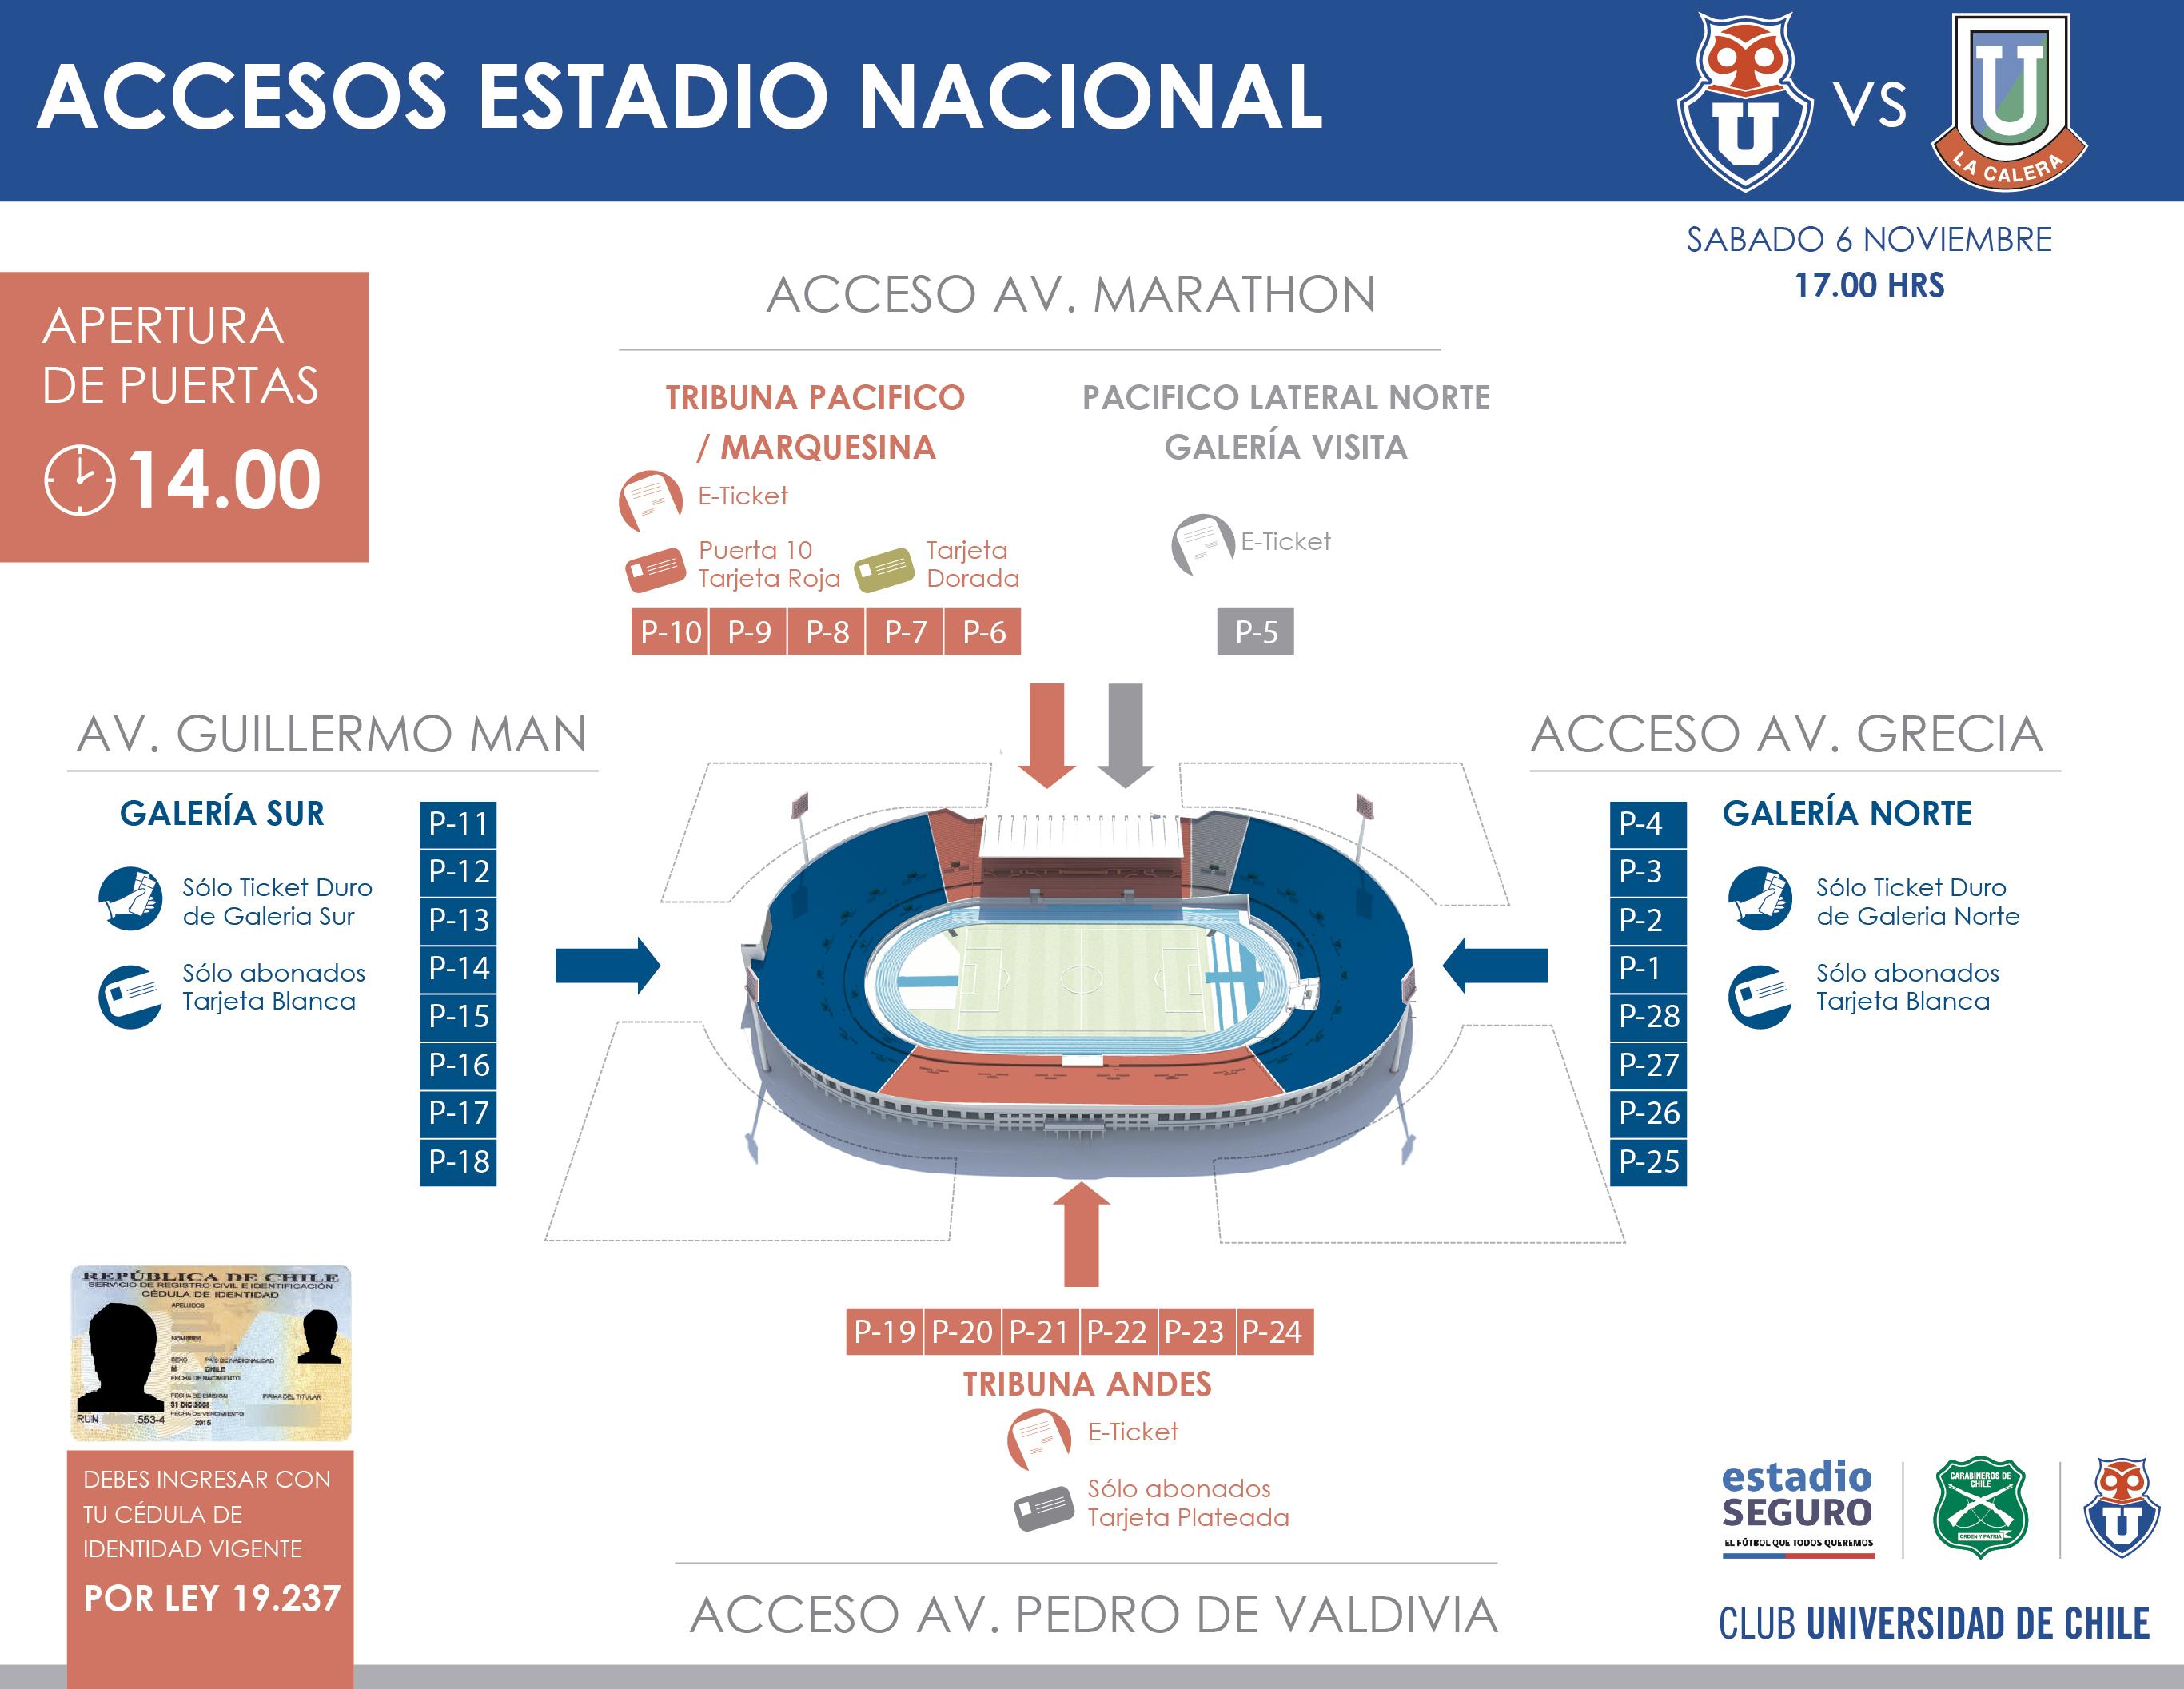 RECOMENDACIONES PARA EL SÁBADO Y LOS ACCESOS AL ESTADIO NACIONAL - foto: Udechile.cl